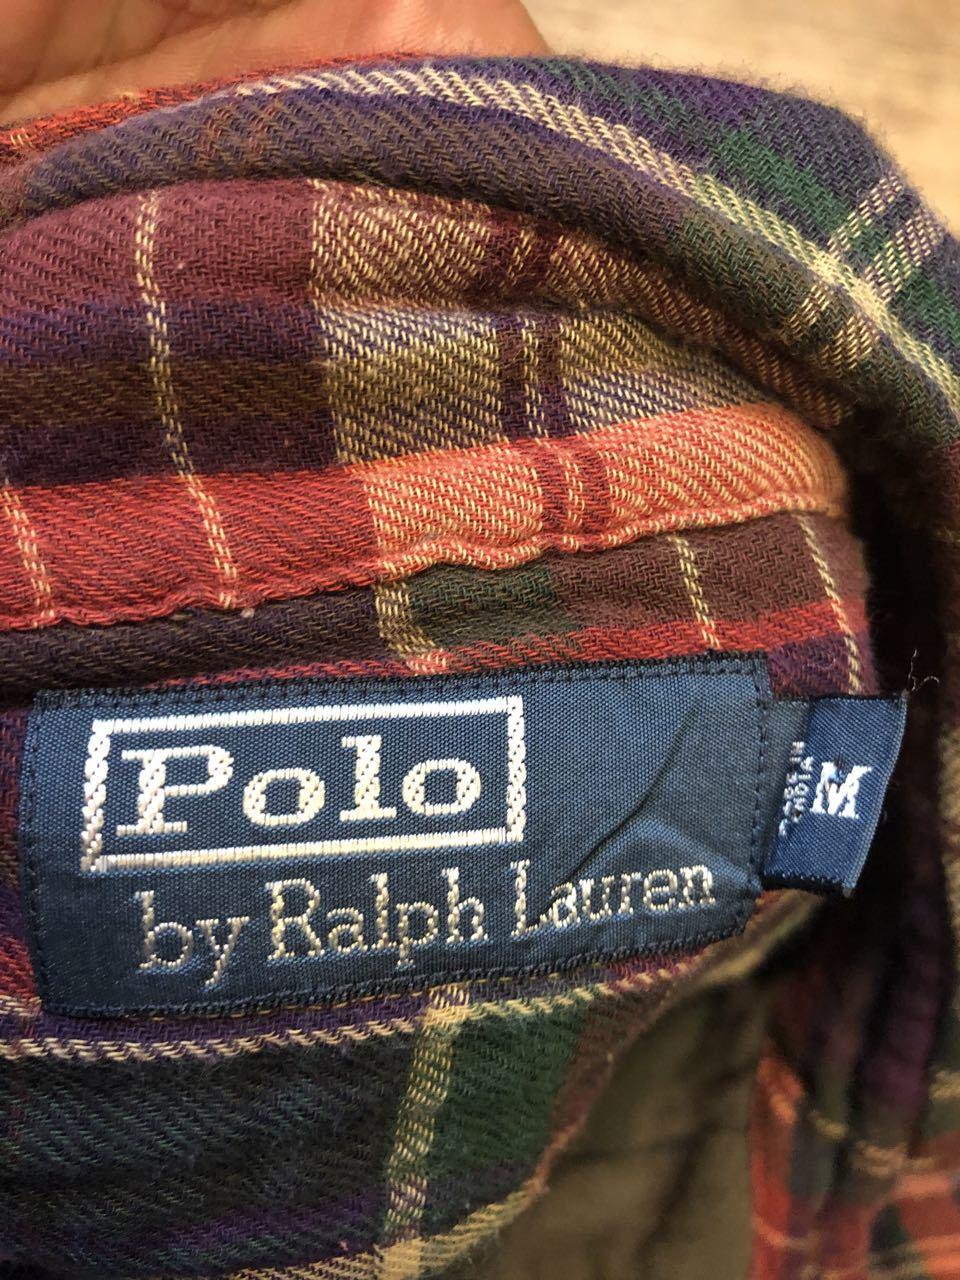 10月8日(火)入荷! POLO RALPH LAUREN チンスト シャツ!_c0144020_13533431.jpg